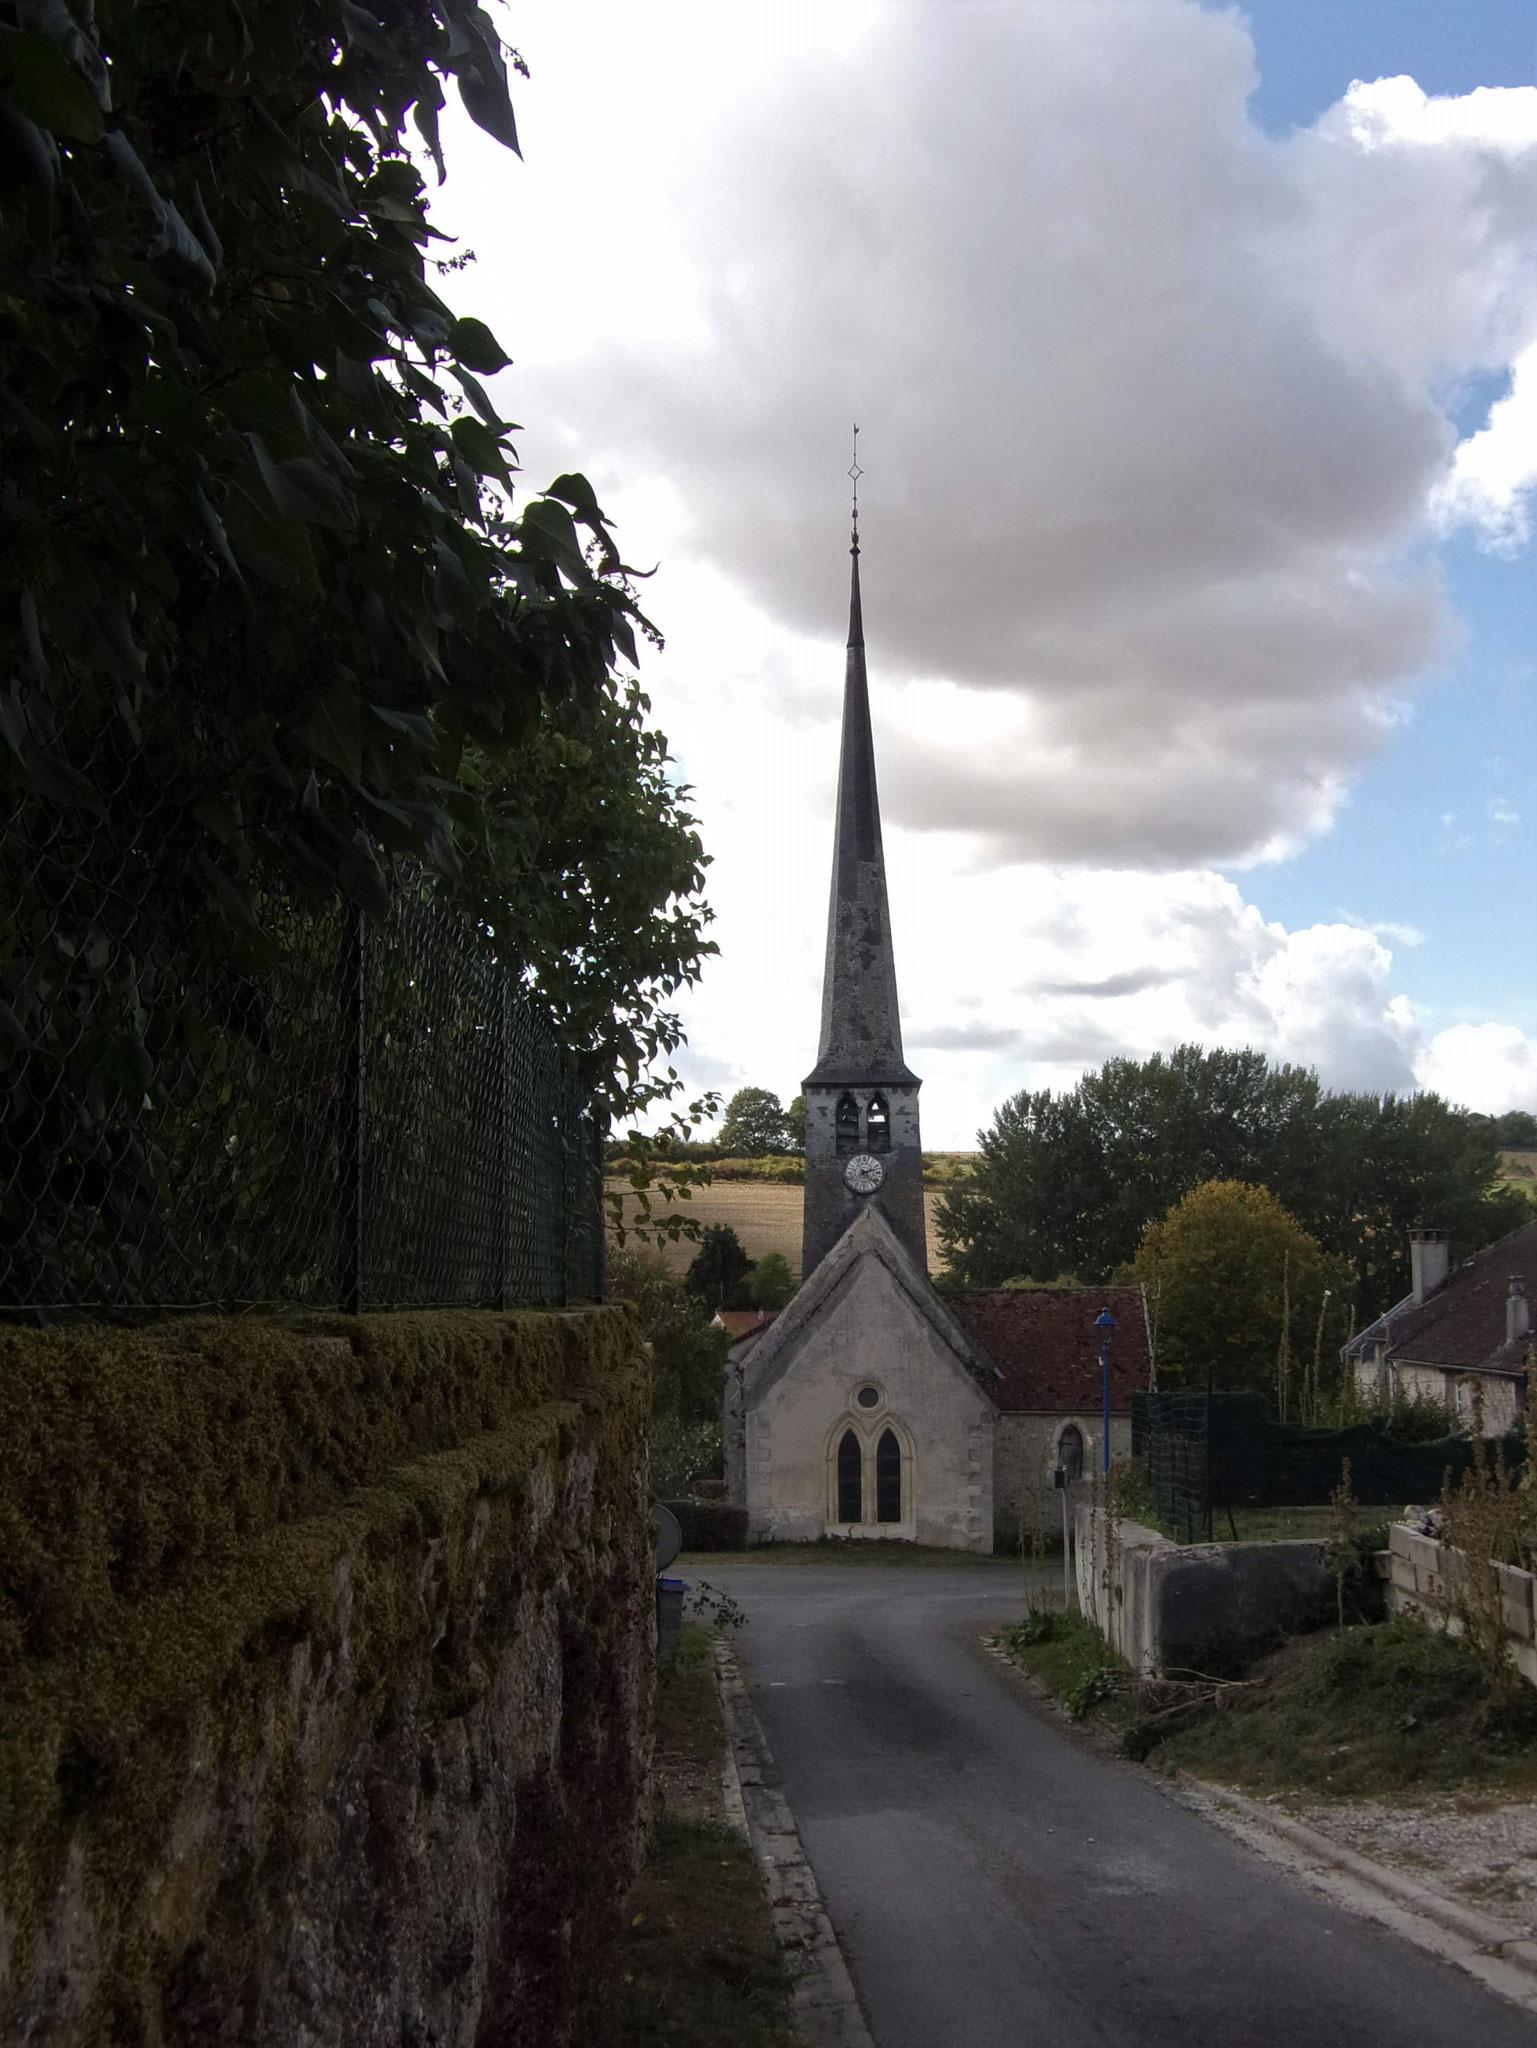 Eglise de Pargny-la-Dhuys